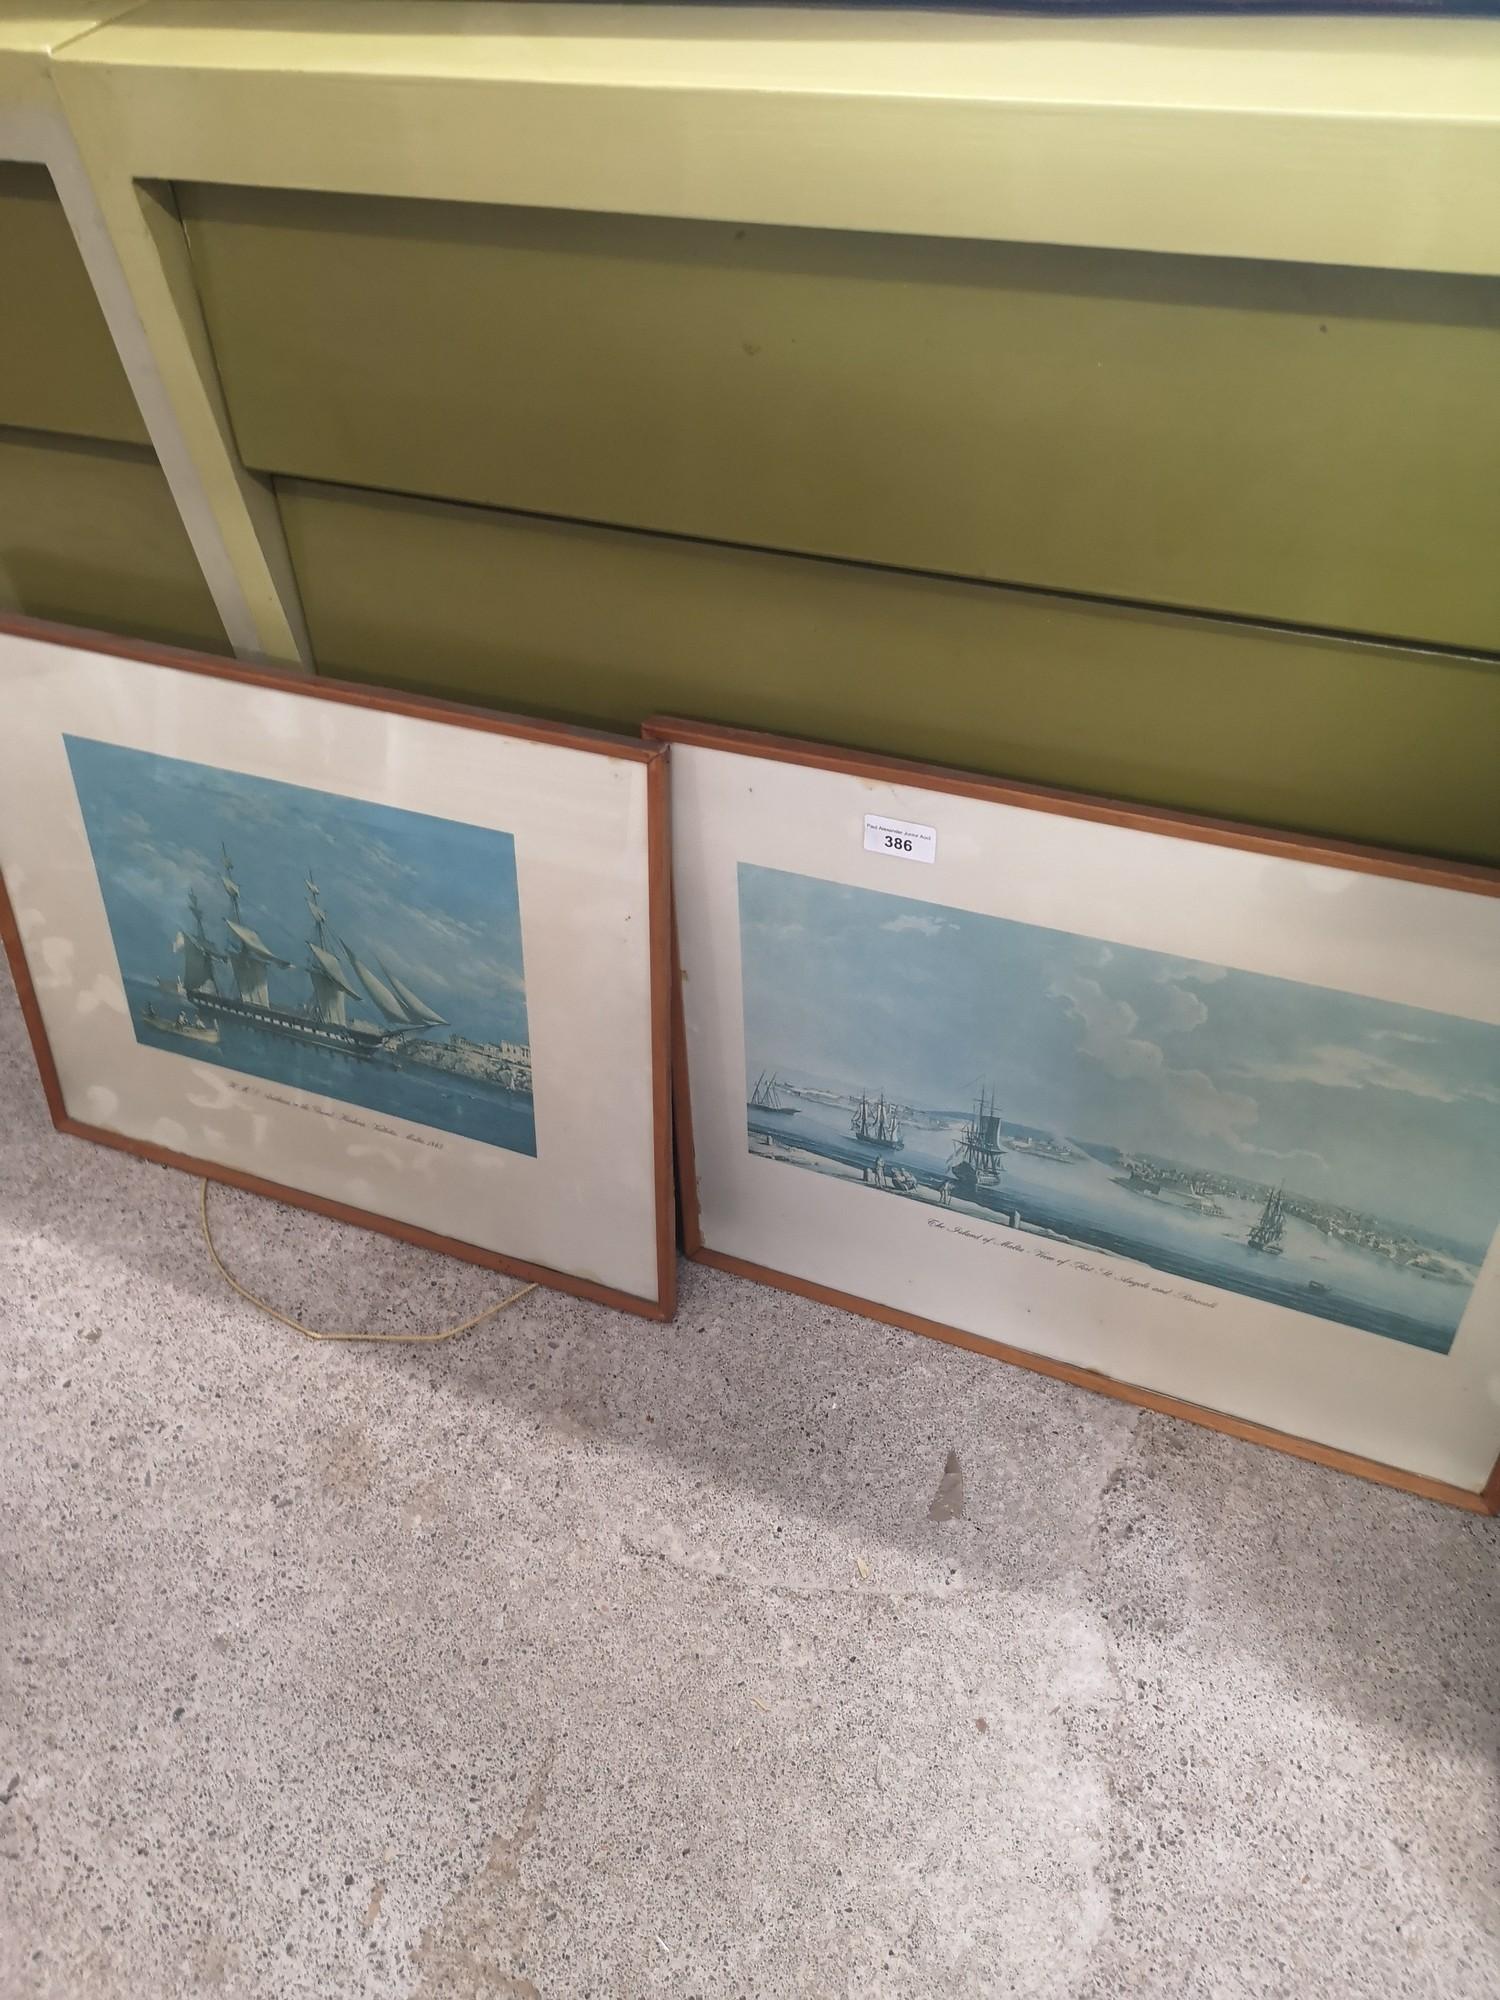 2 boat scene prints.